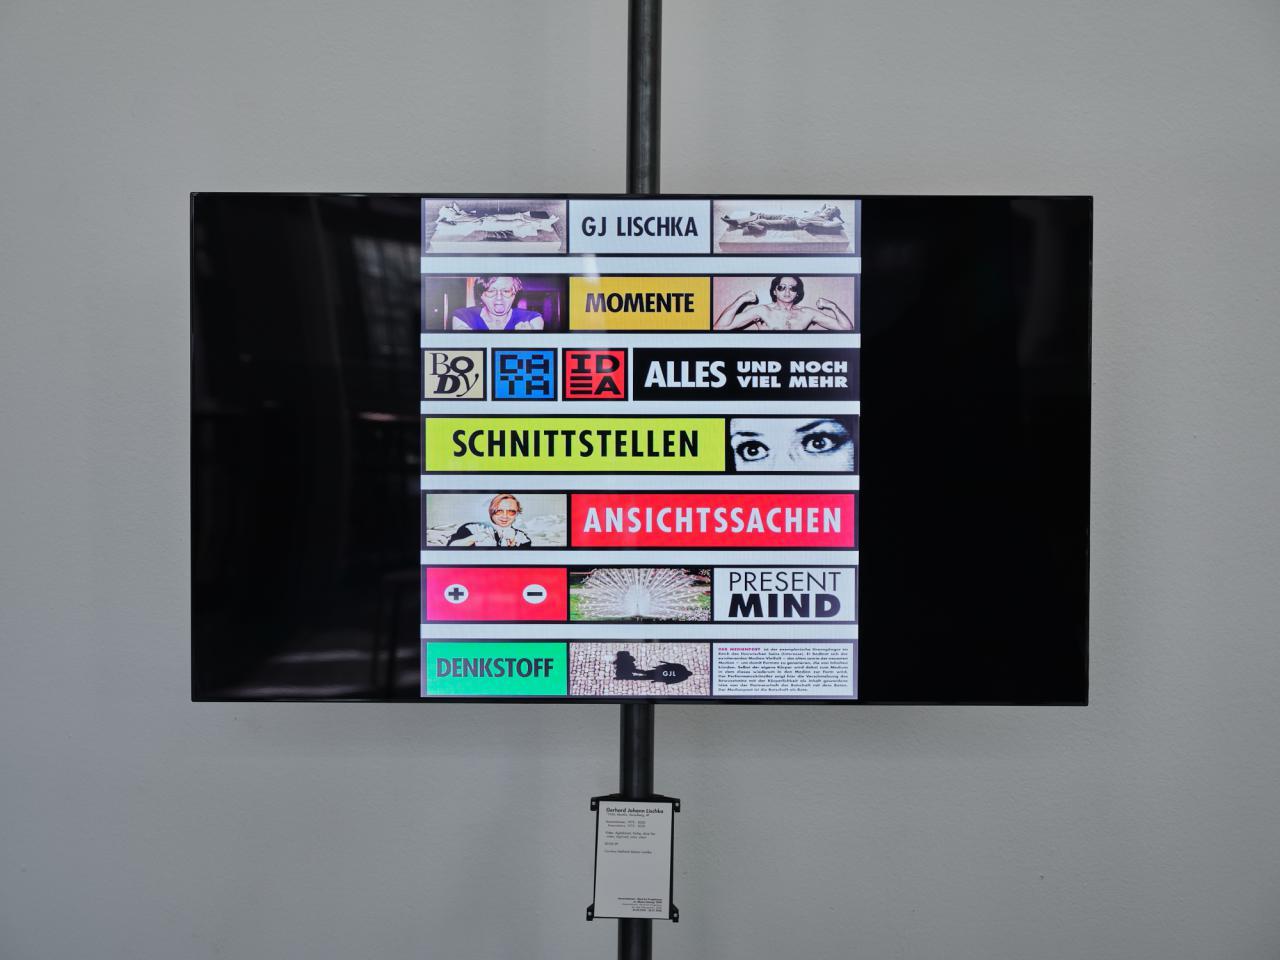 Zu sehen ist ein Bildschirm, auf dem verschiedene Kacheln angezeigt werden.